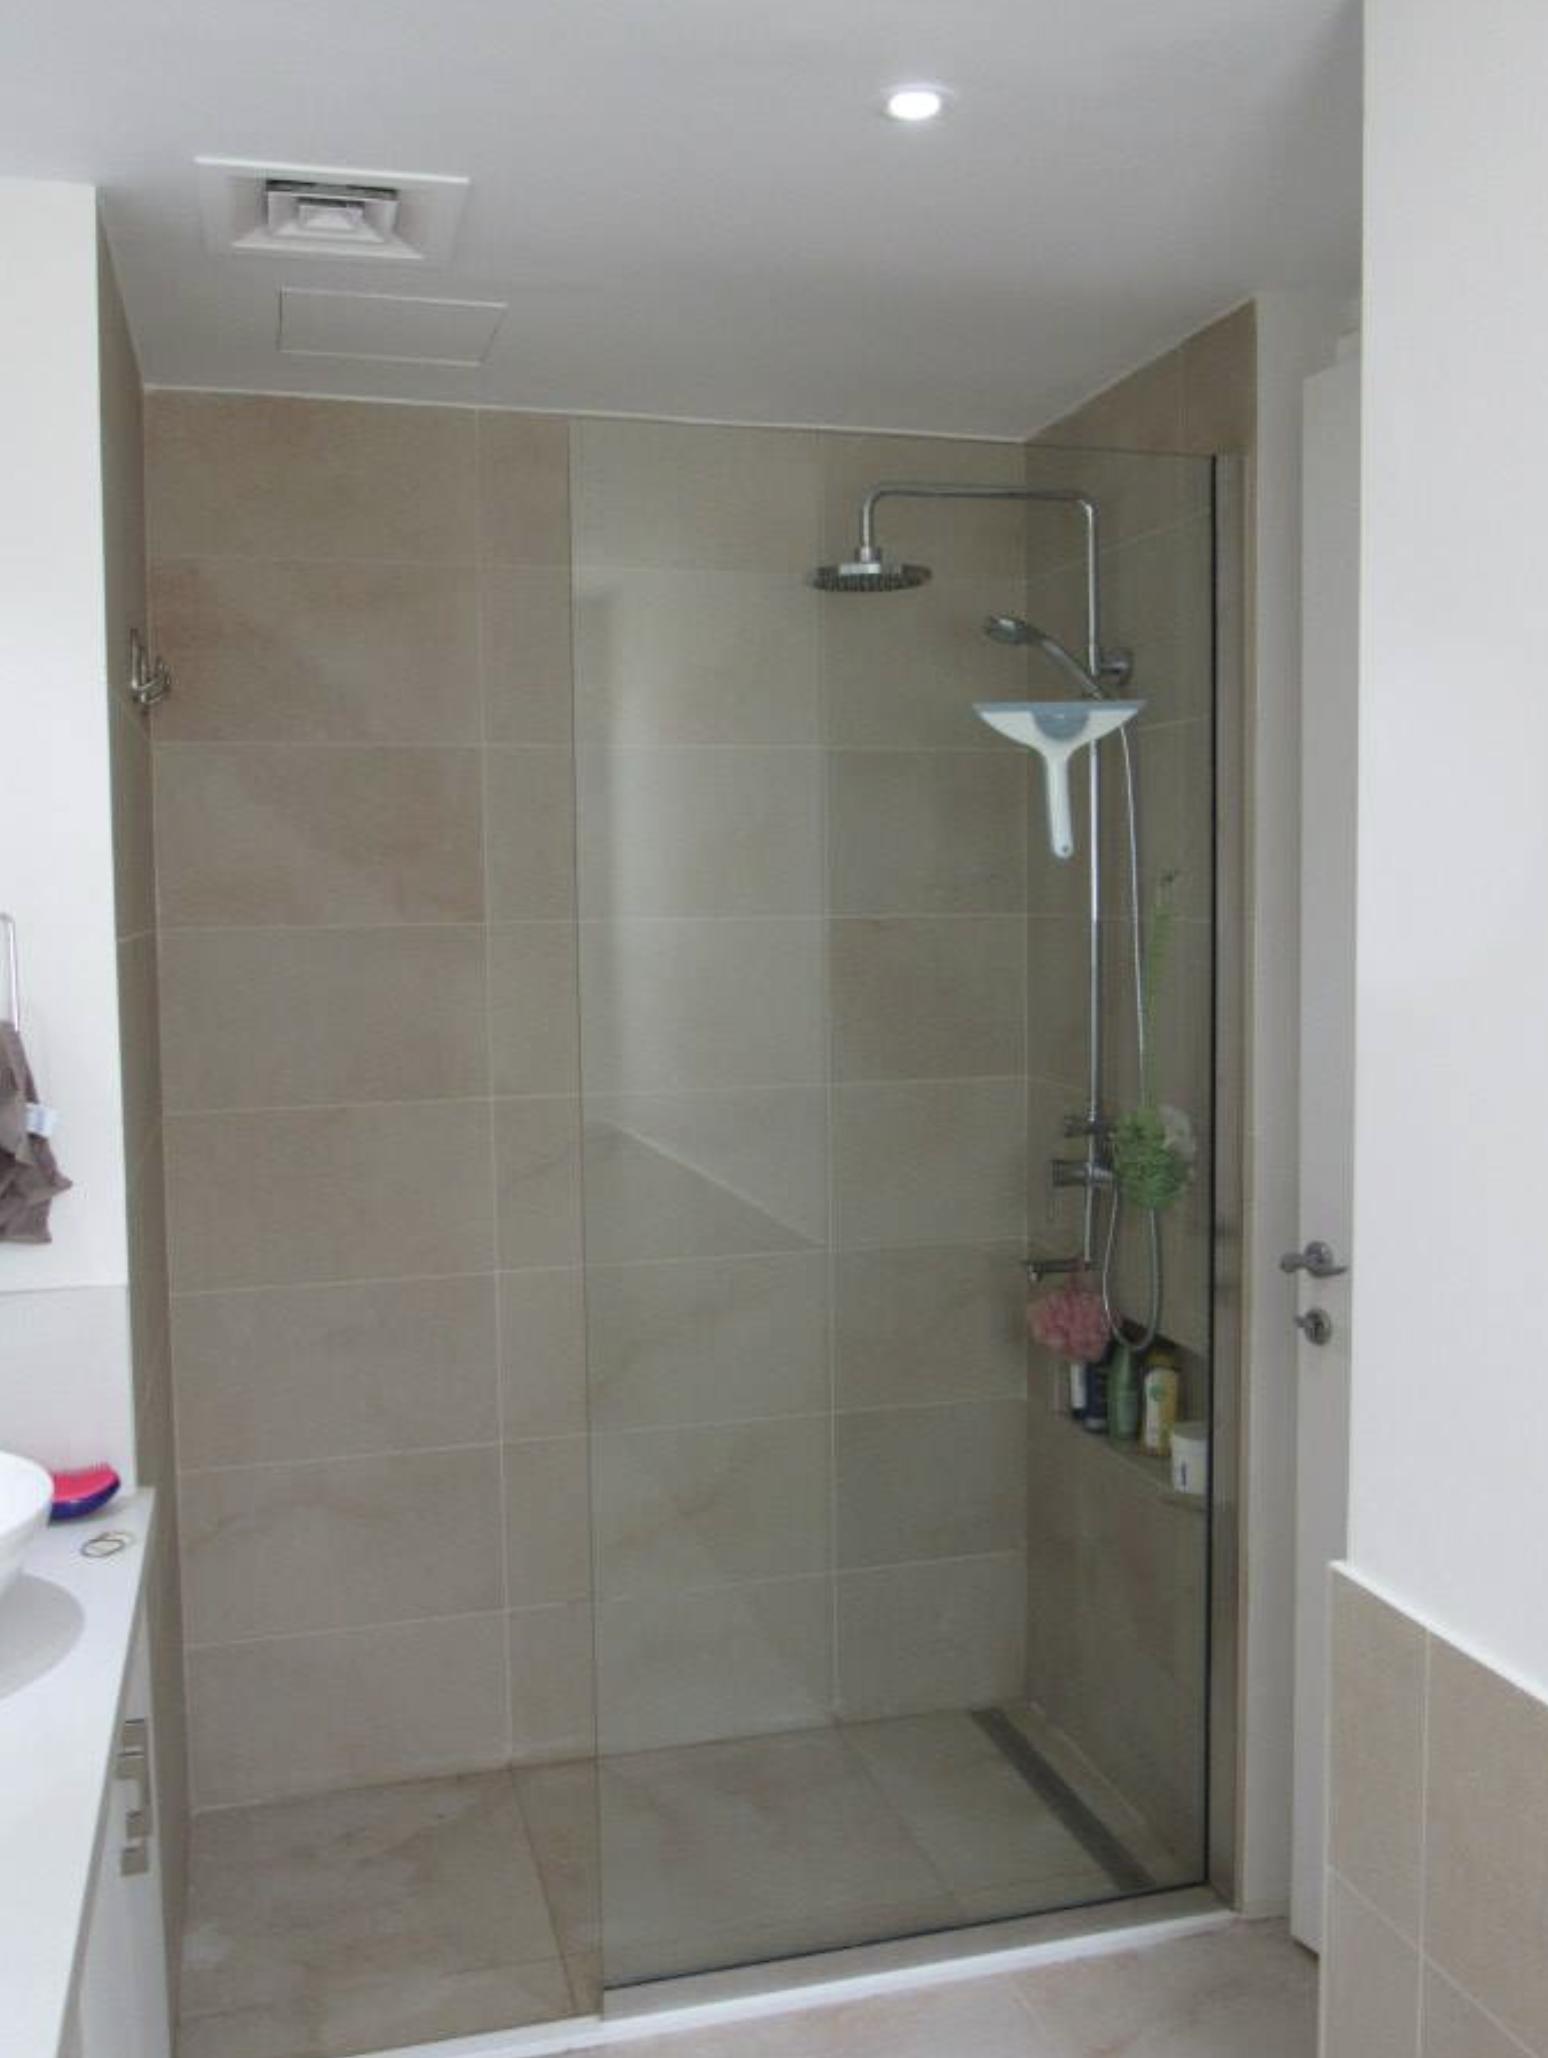 Springs bathroom